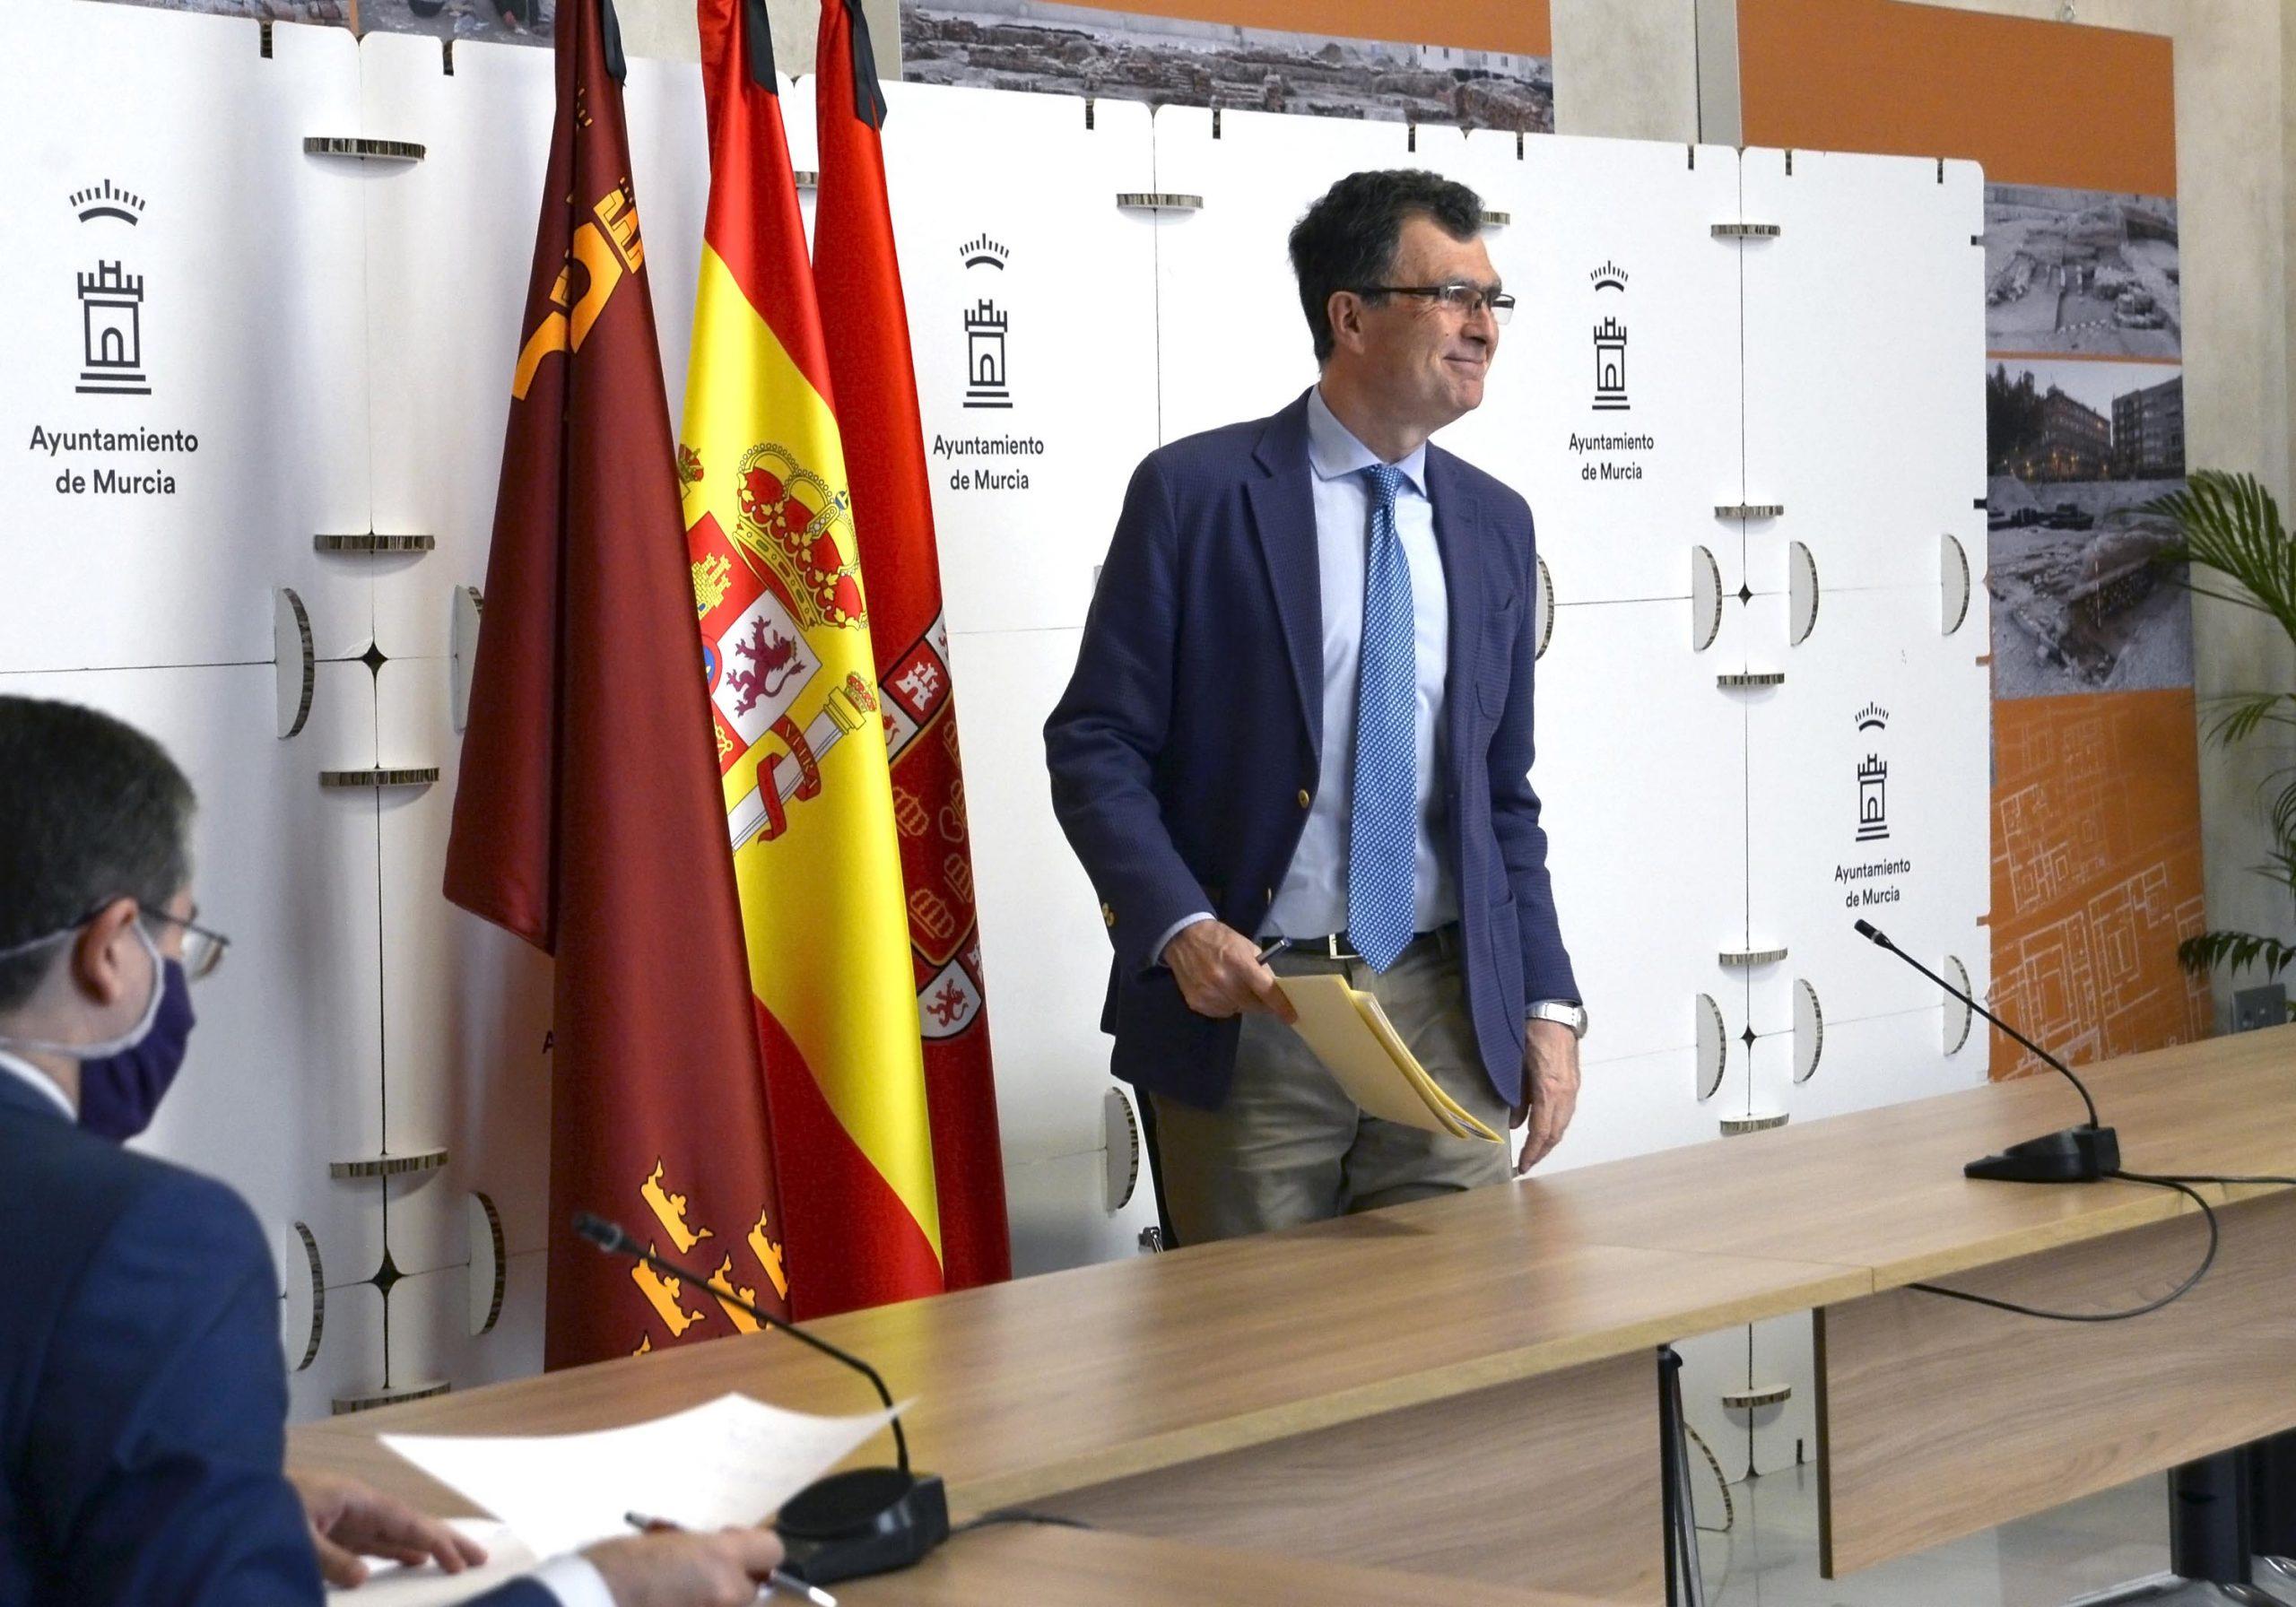 El alcalde de Murcia, José Ballesta